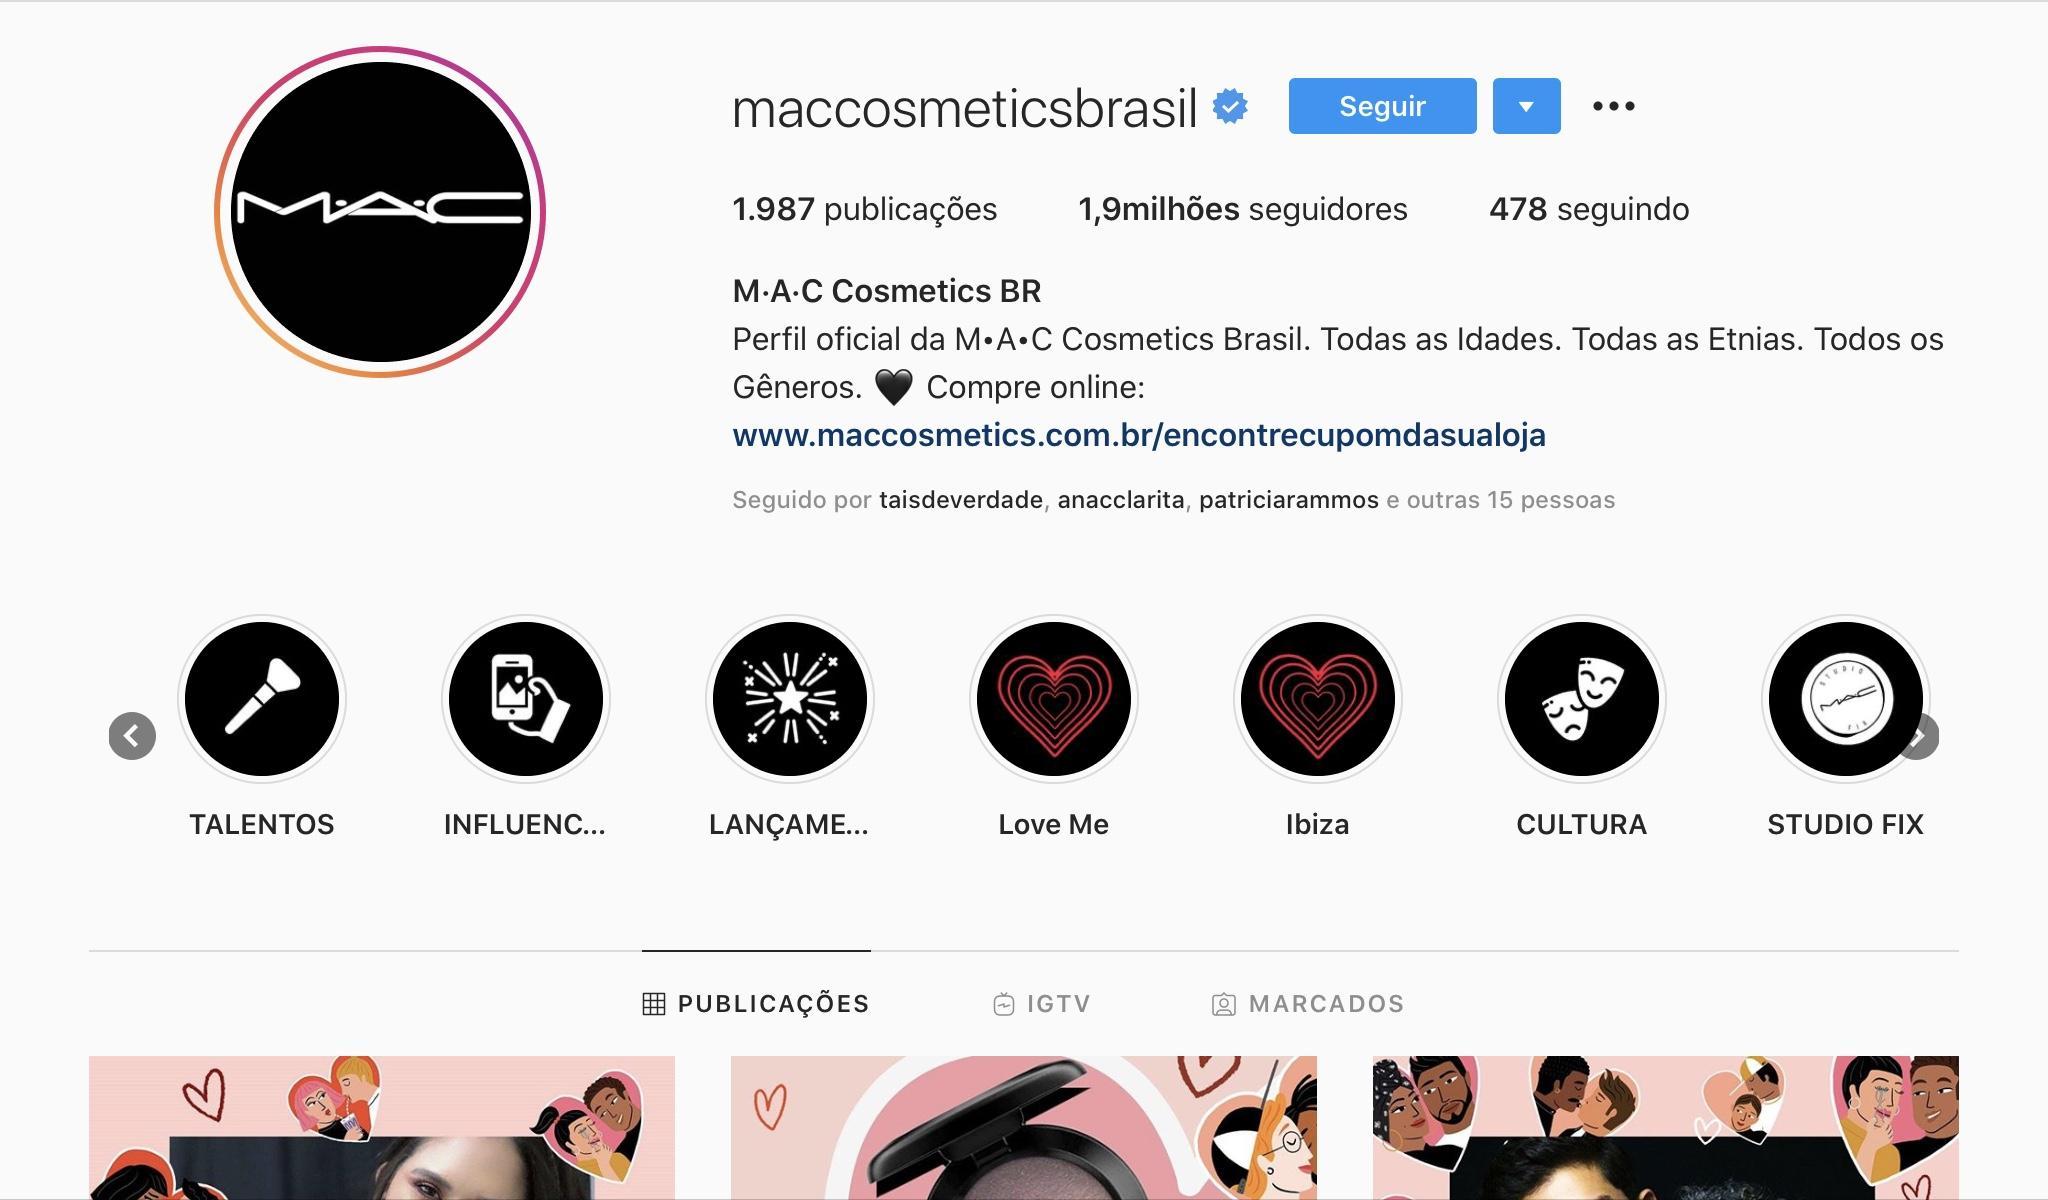 Exemplos para Criar Destaques do Instagram - Mac